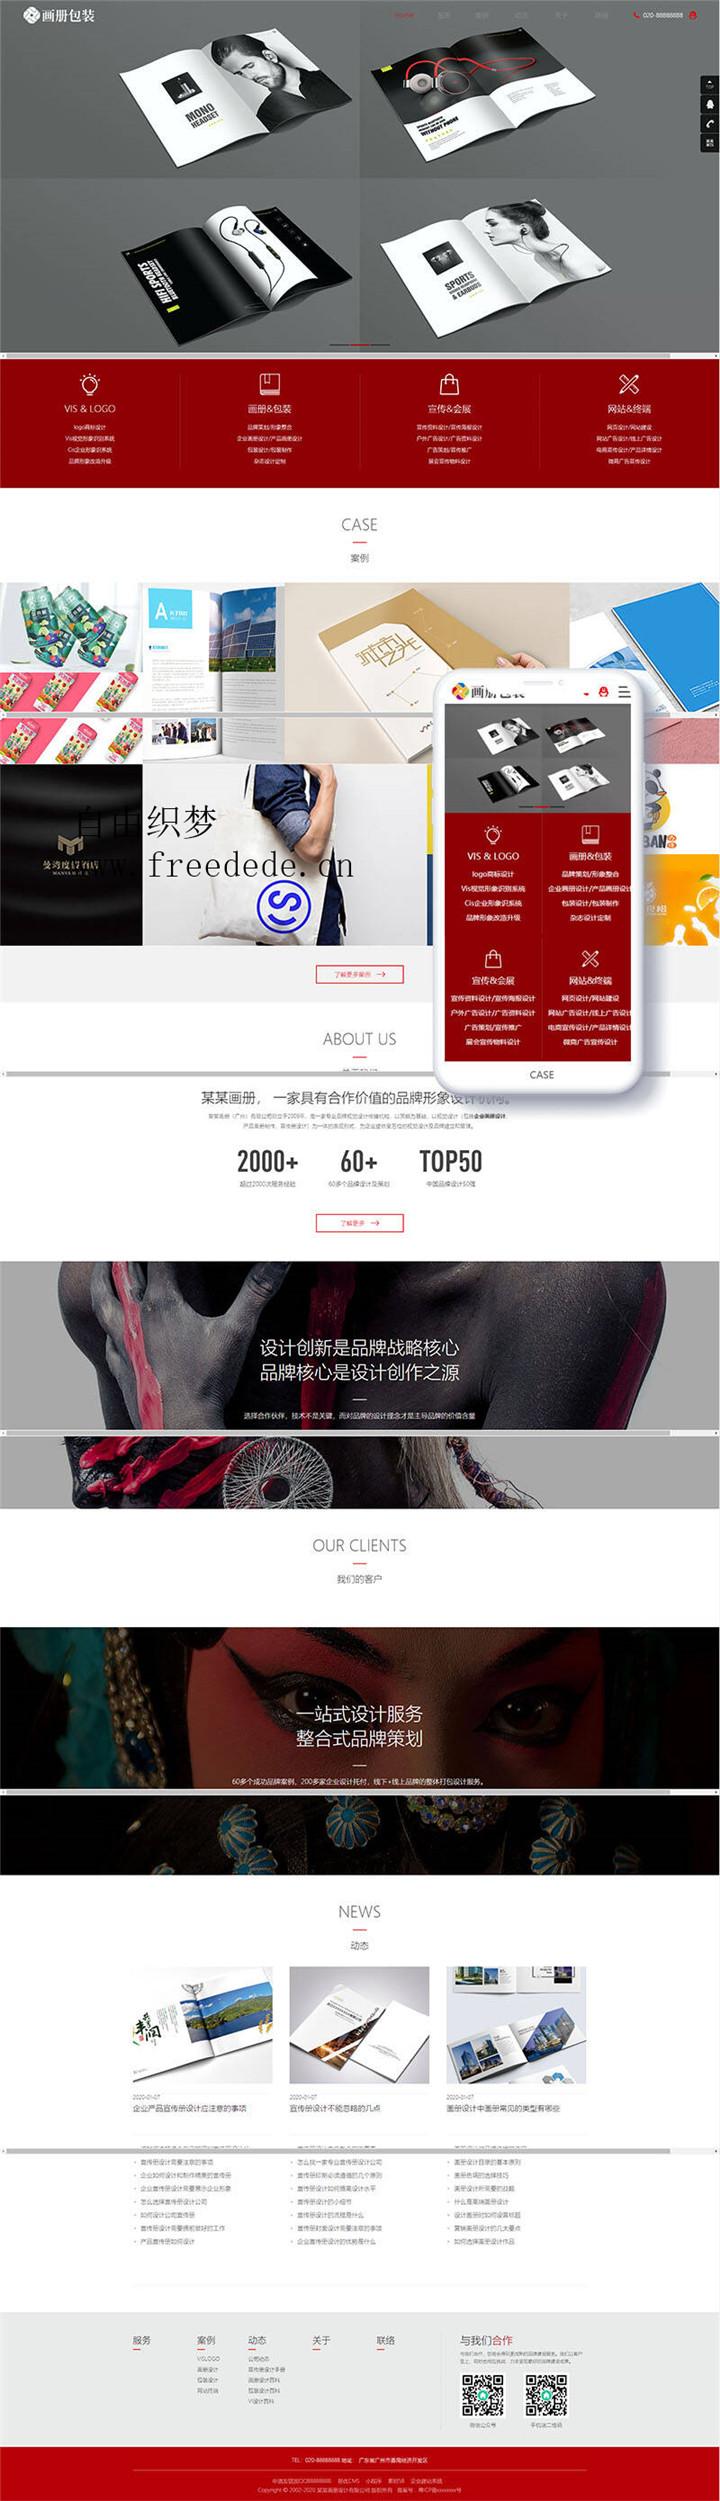 爱上源码网文章dedecms模板下载 响应式画册包装设计类网站织梦模板(自适应手机端)的内容插图